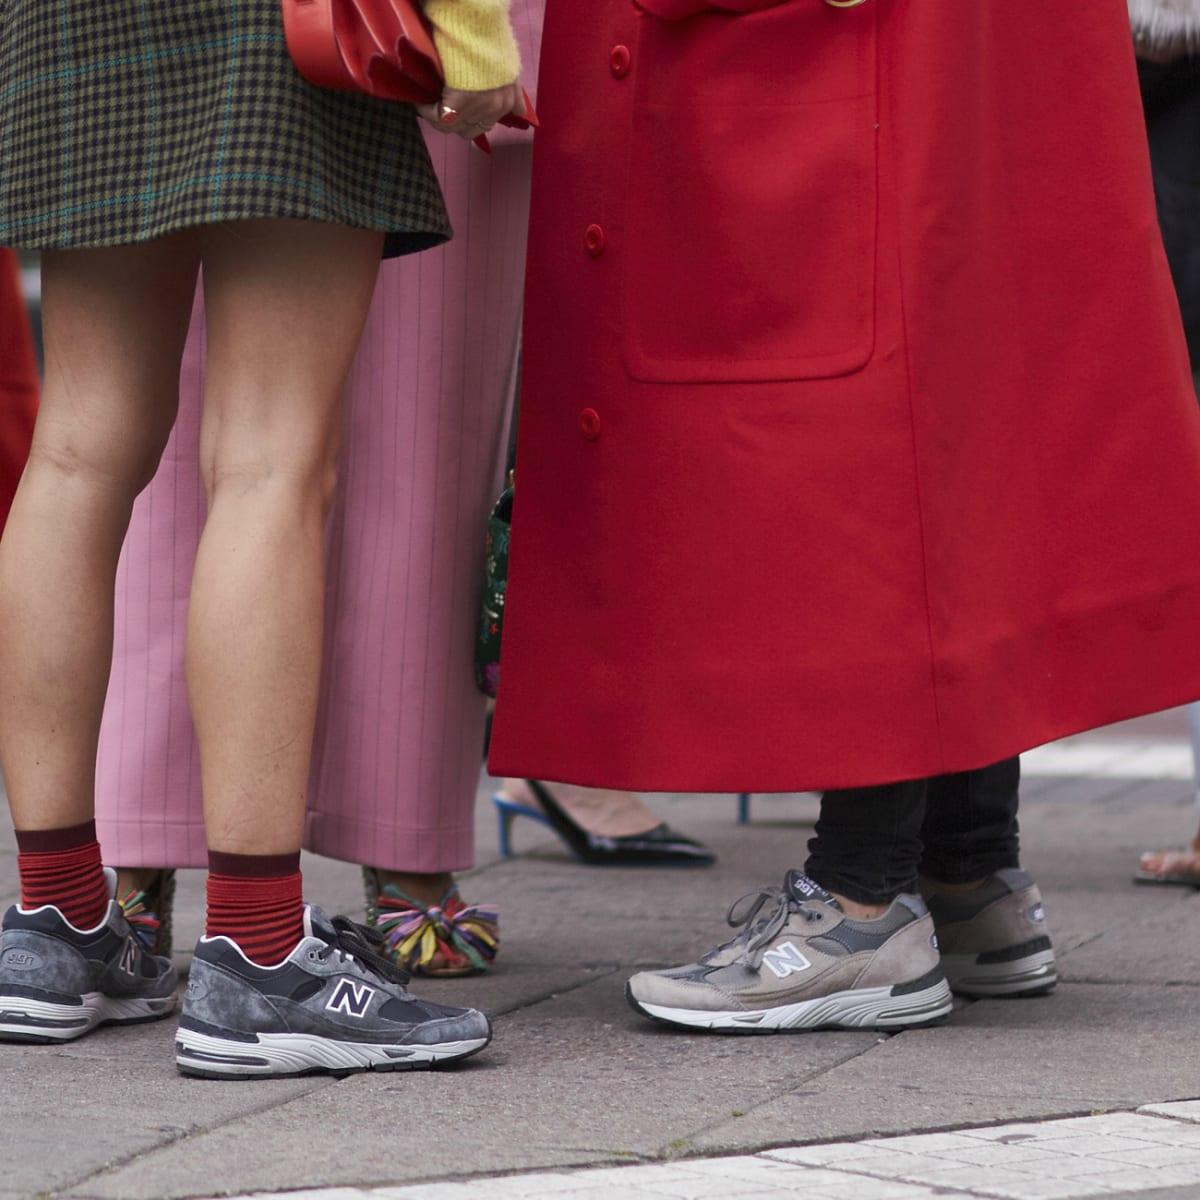 Sneaker at Fashion Week